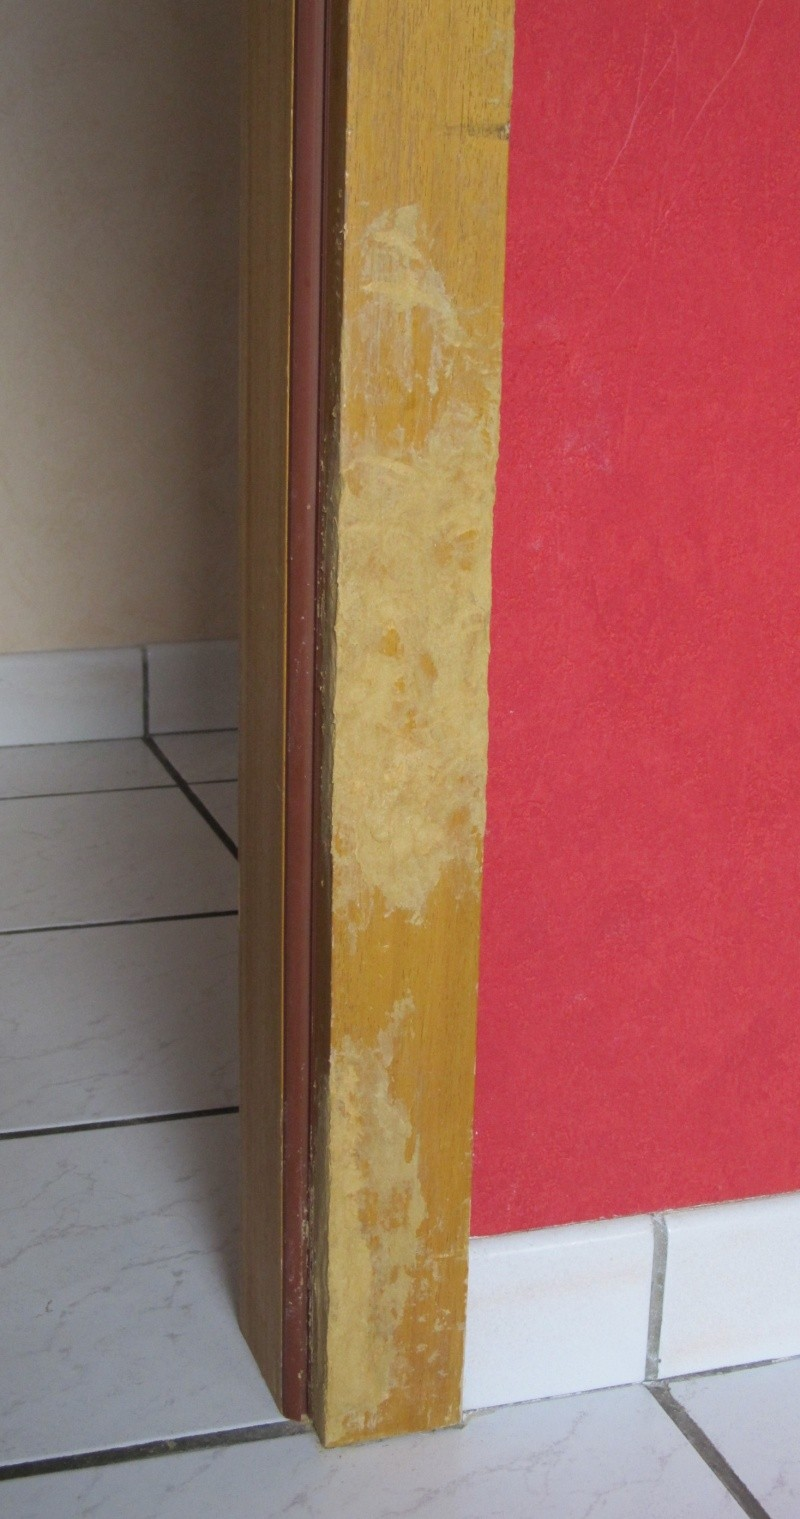 Réparation d'un encadrement de porte en bois - Page 2 Img_3510